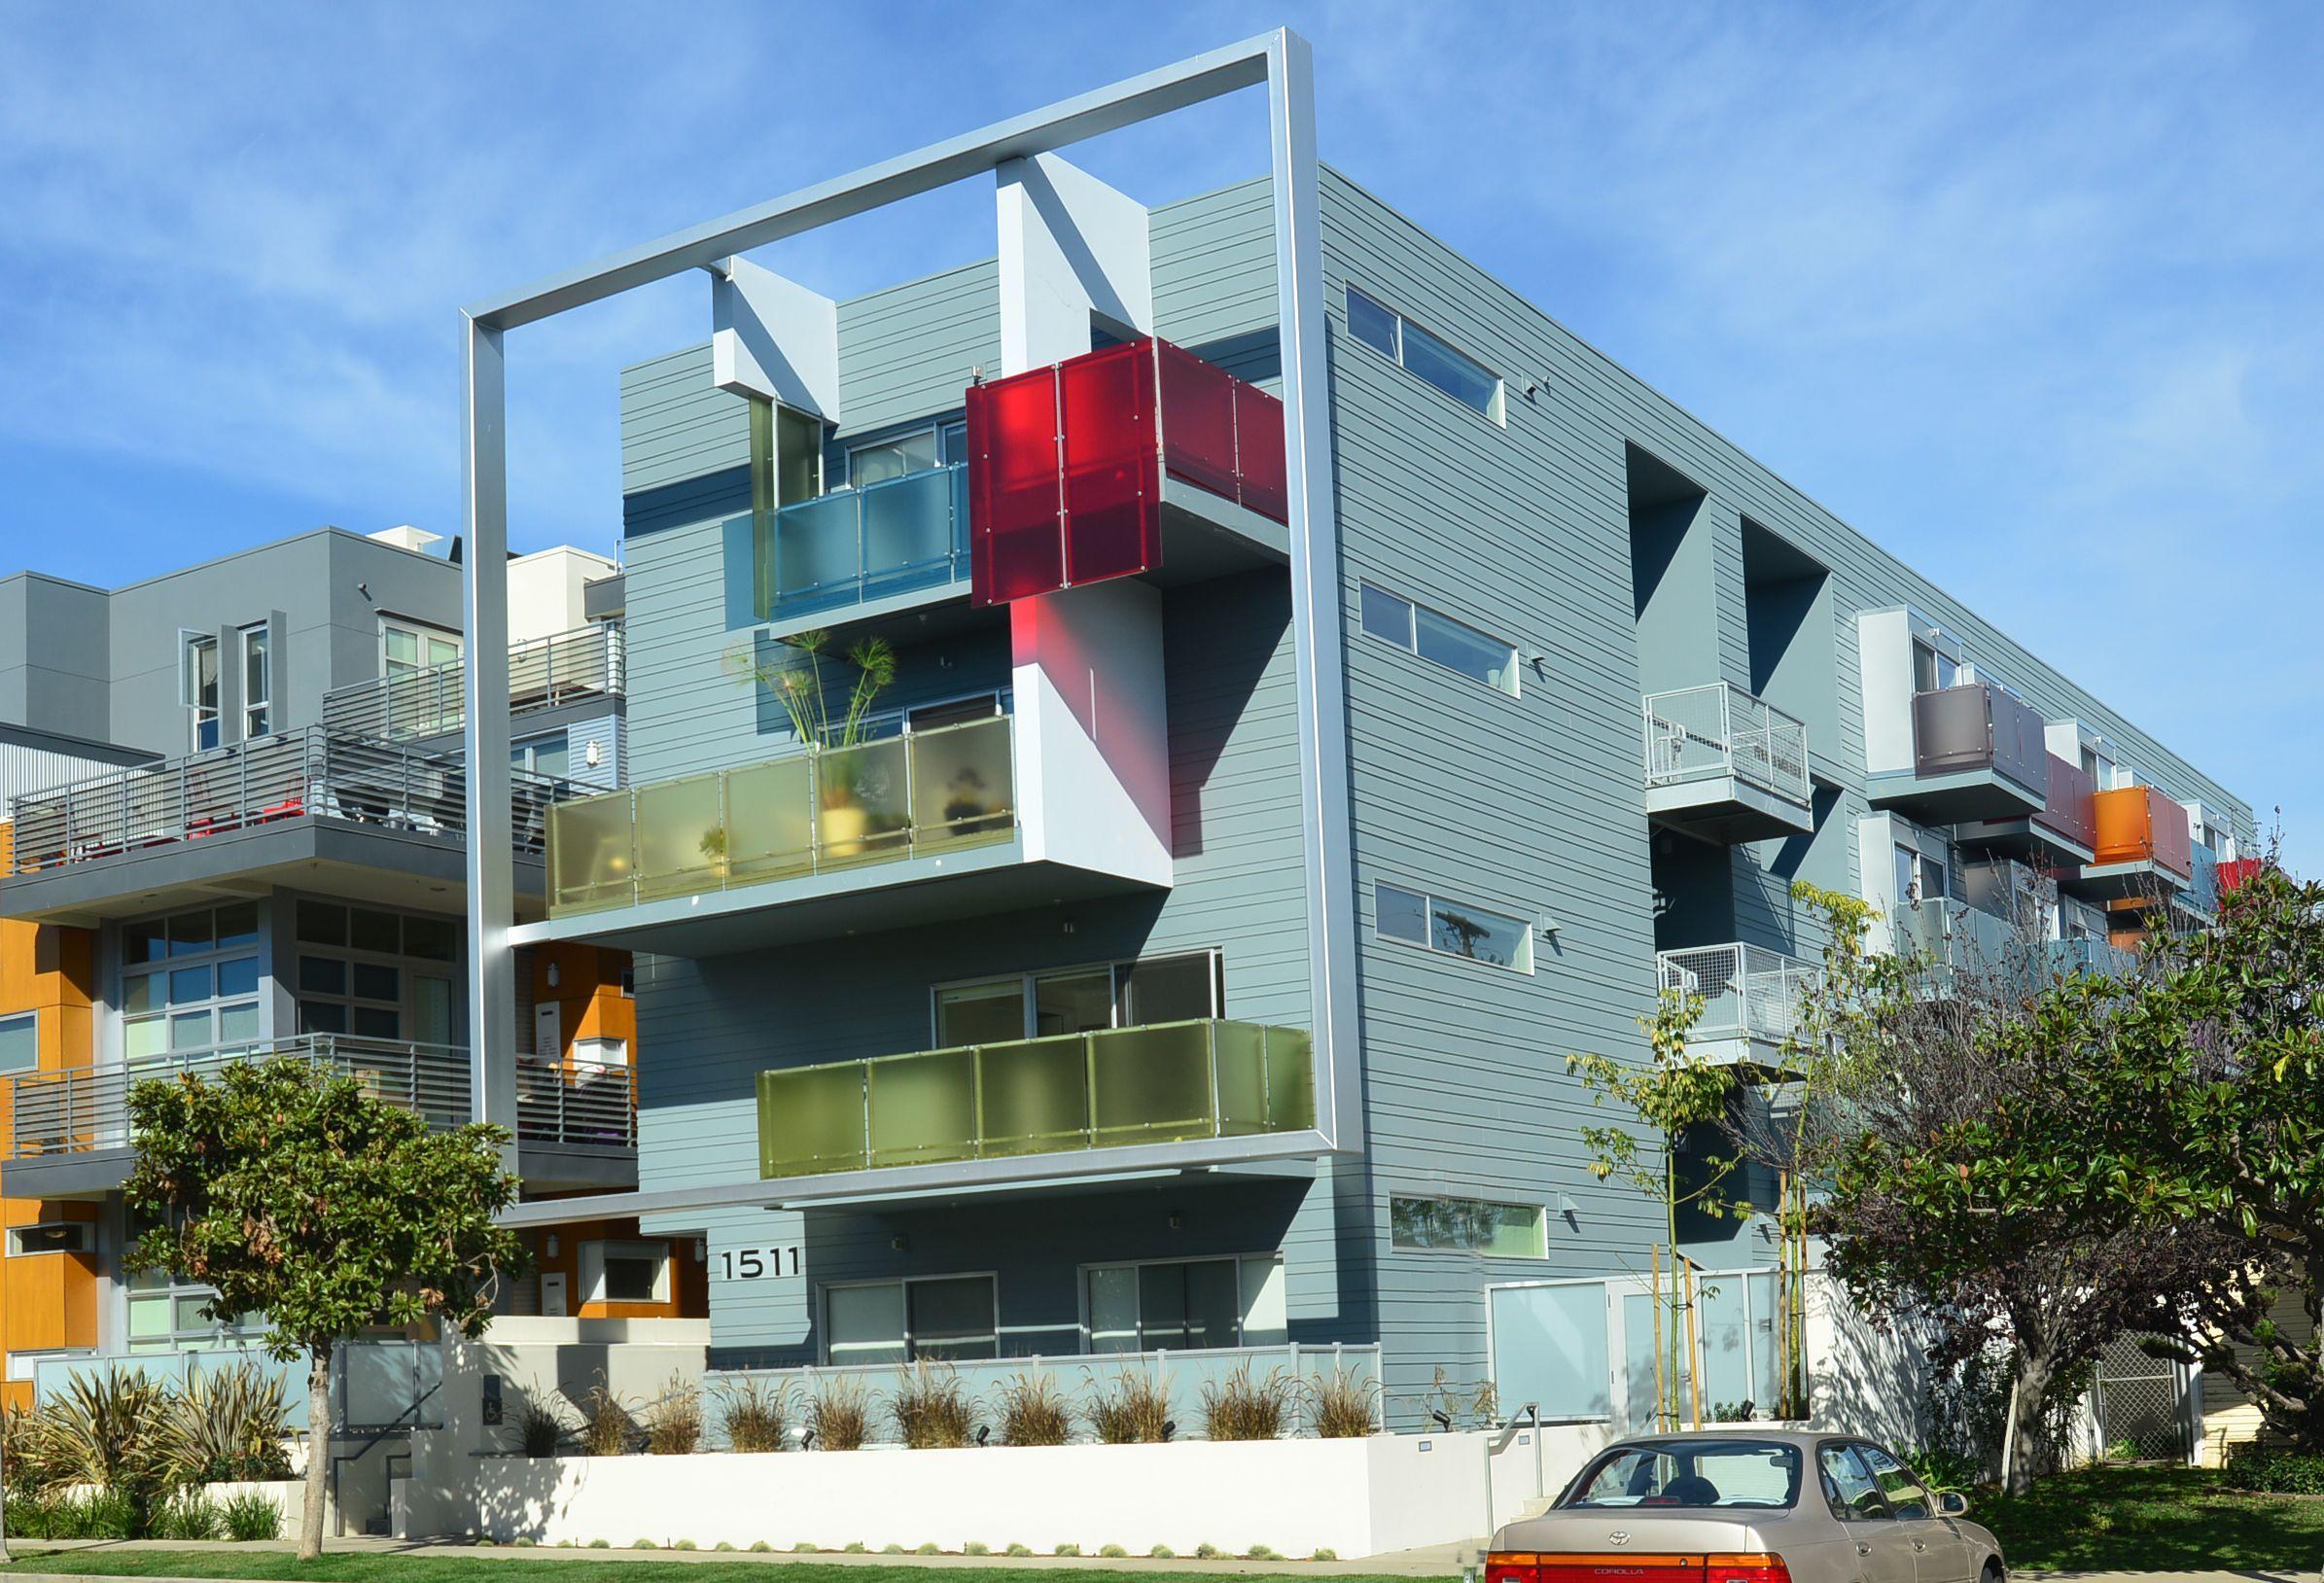 Pin By Dan Rigney On Quasi Mid Century Architecture Santa Monica Apartment Apartment Exterior Los Angeles Apartments